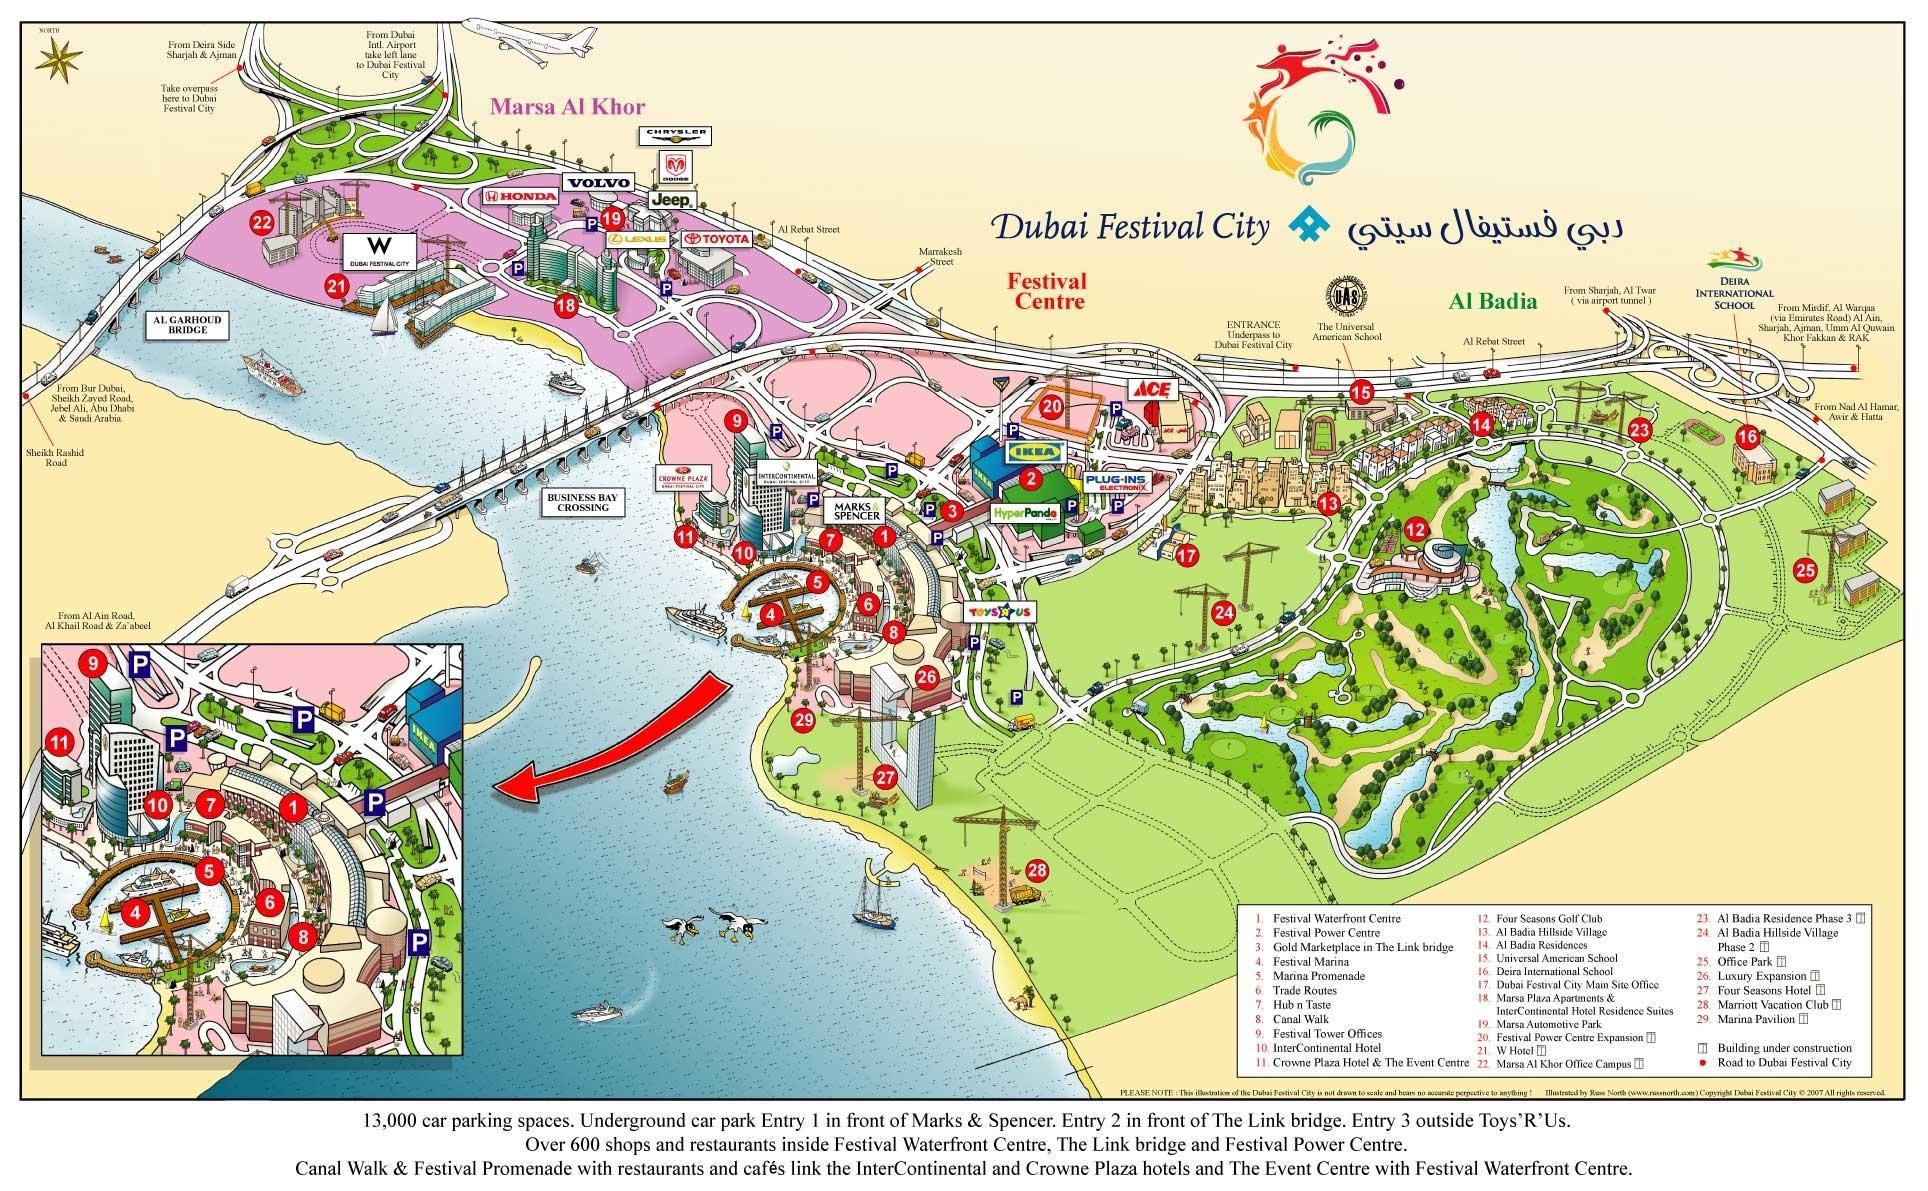 dubai térkép Dubai festival city mall térkép   Dubai festival city térkép  dubai térkép